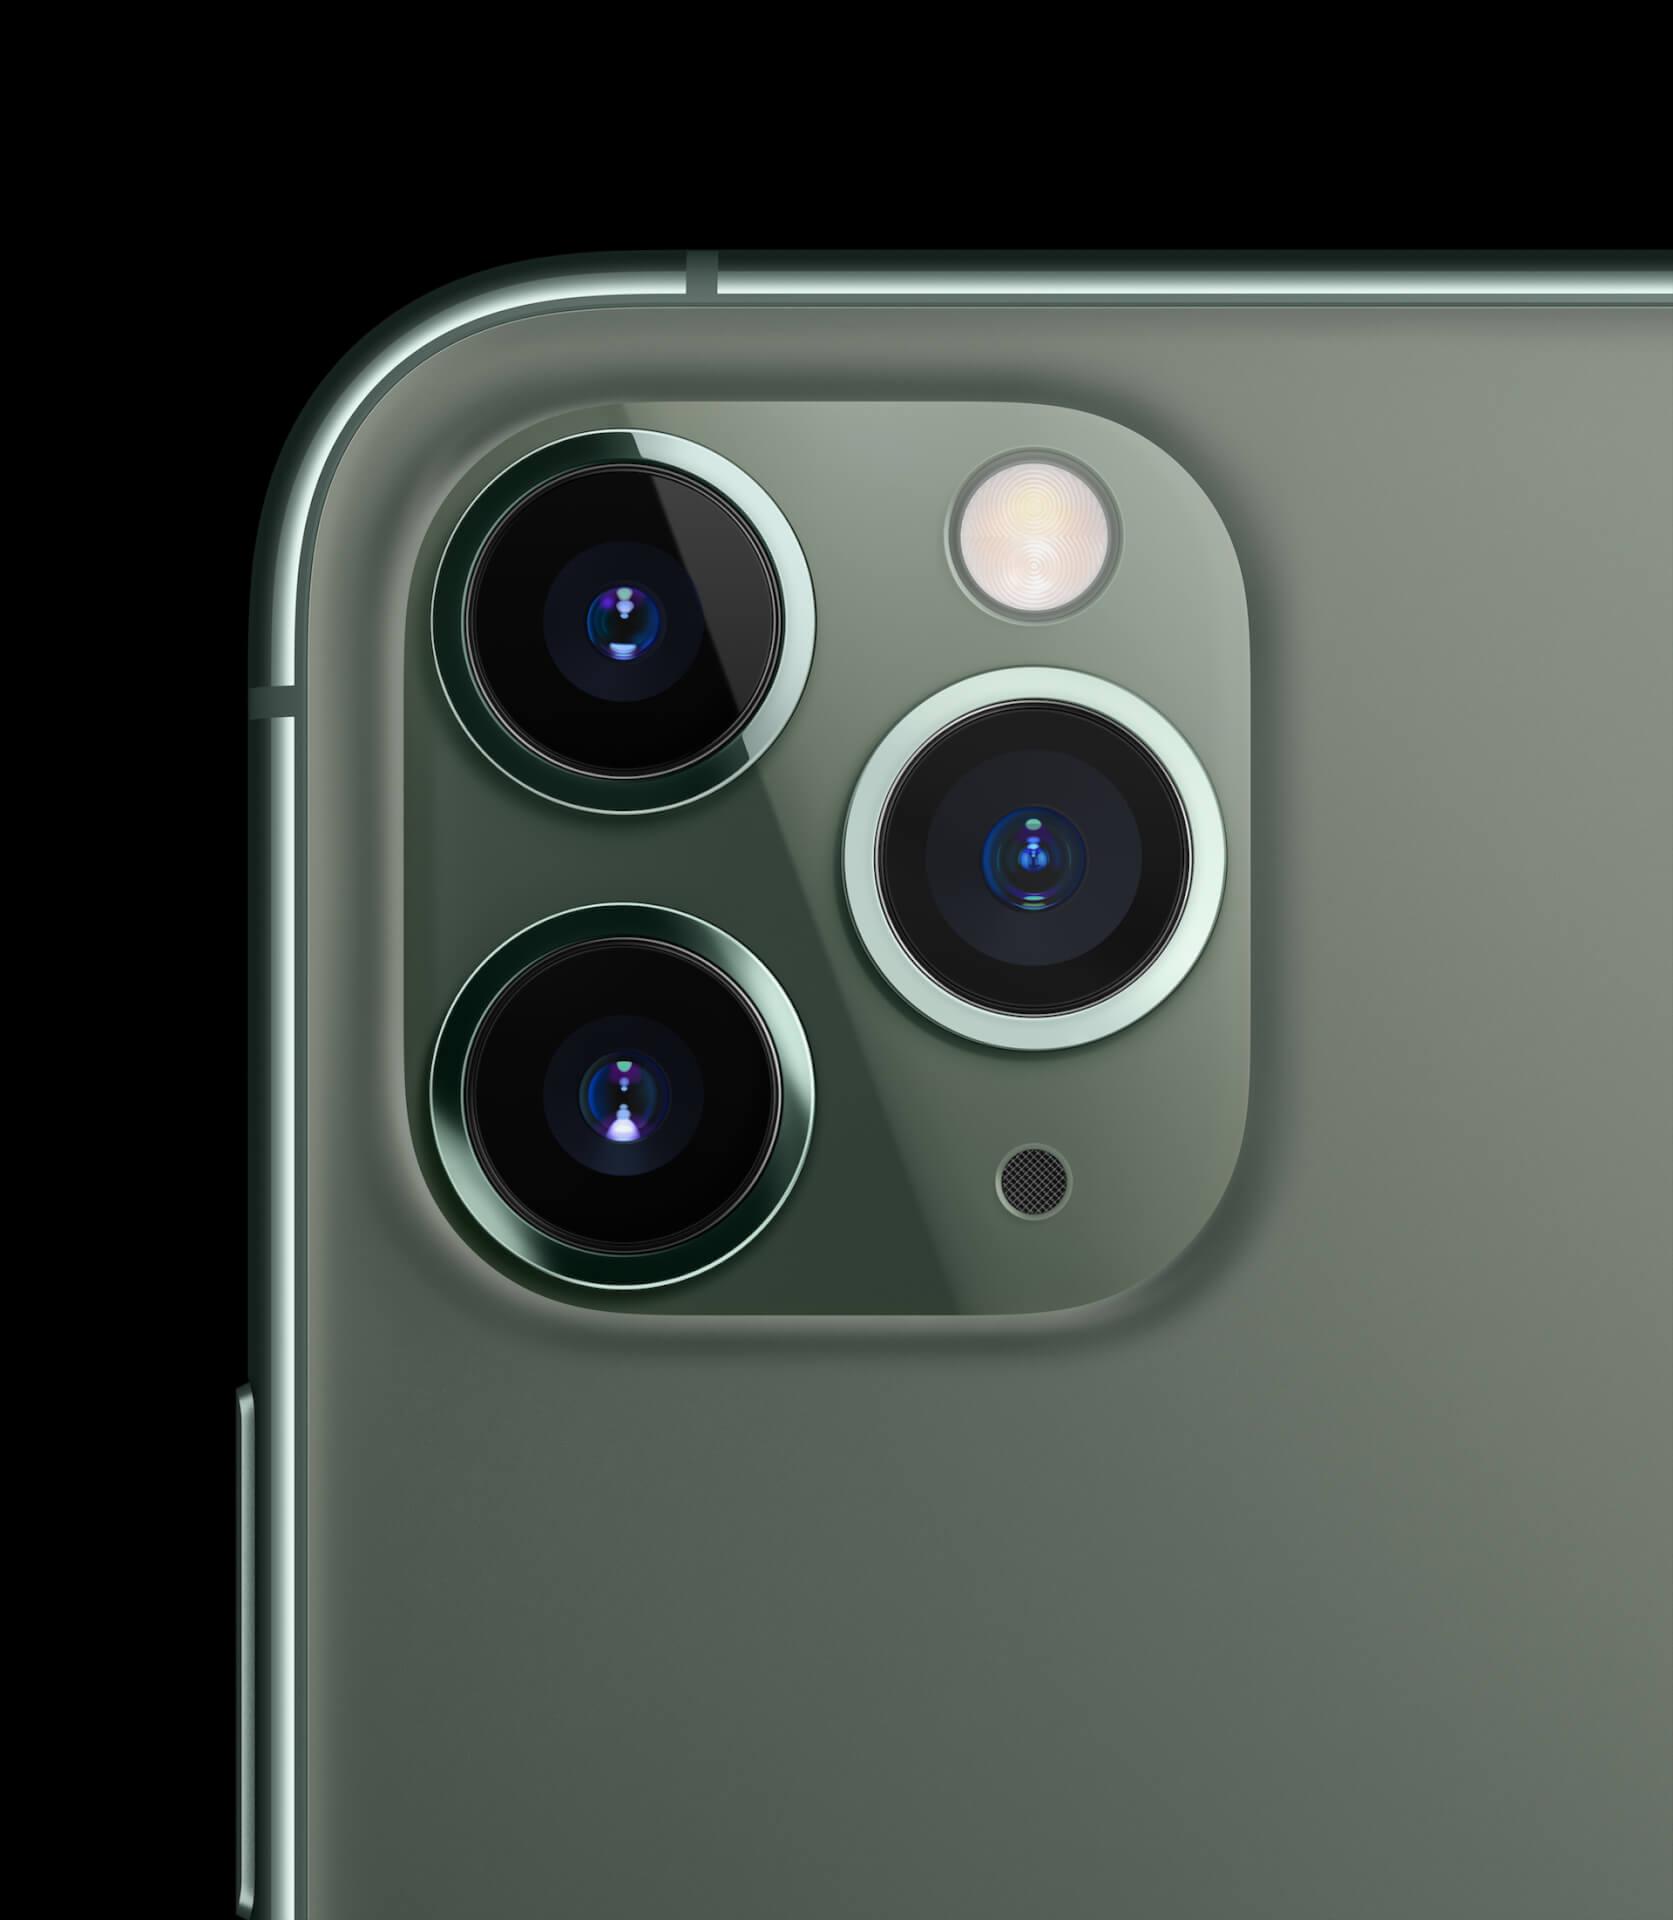 2020年発売の新型iPhoneは3D深度センサー付きカメラ搭載確定か? tech200313_iphone_main